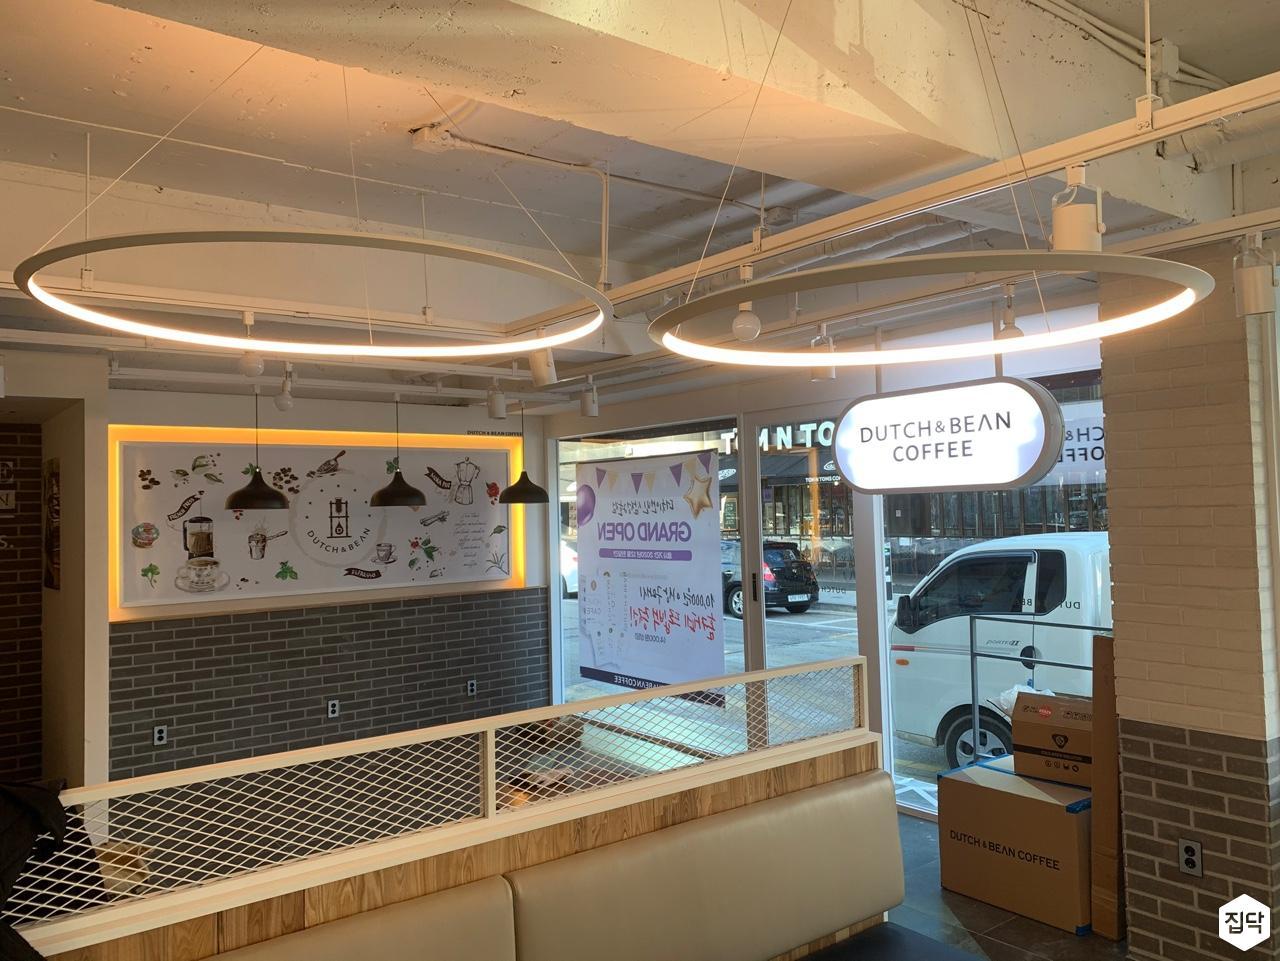 화이트,옐로우,LED조명,펜던트조명,라인조명